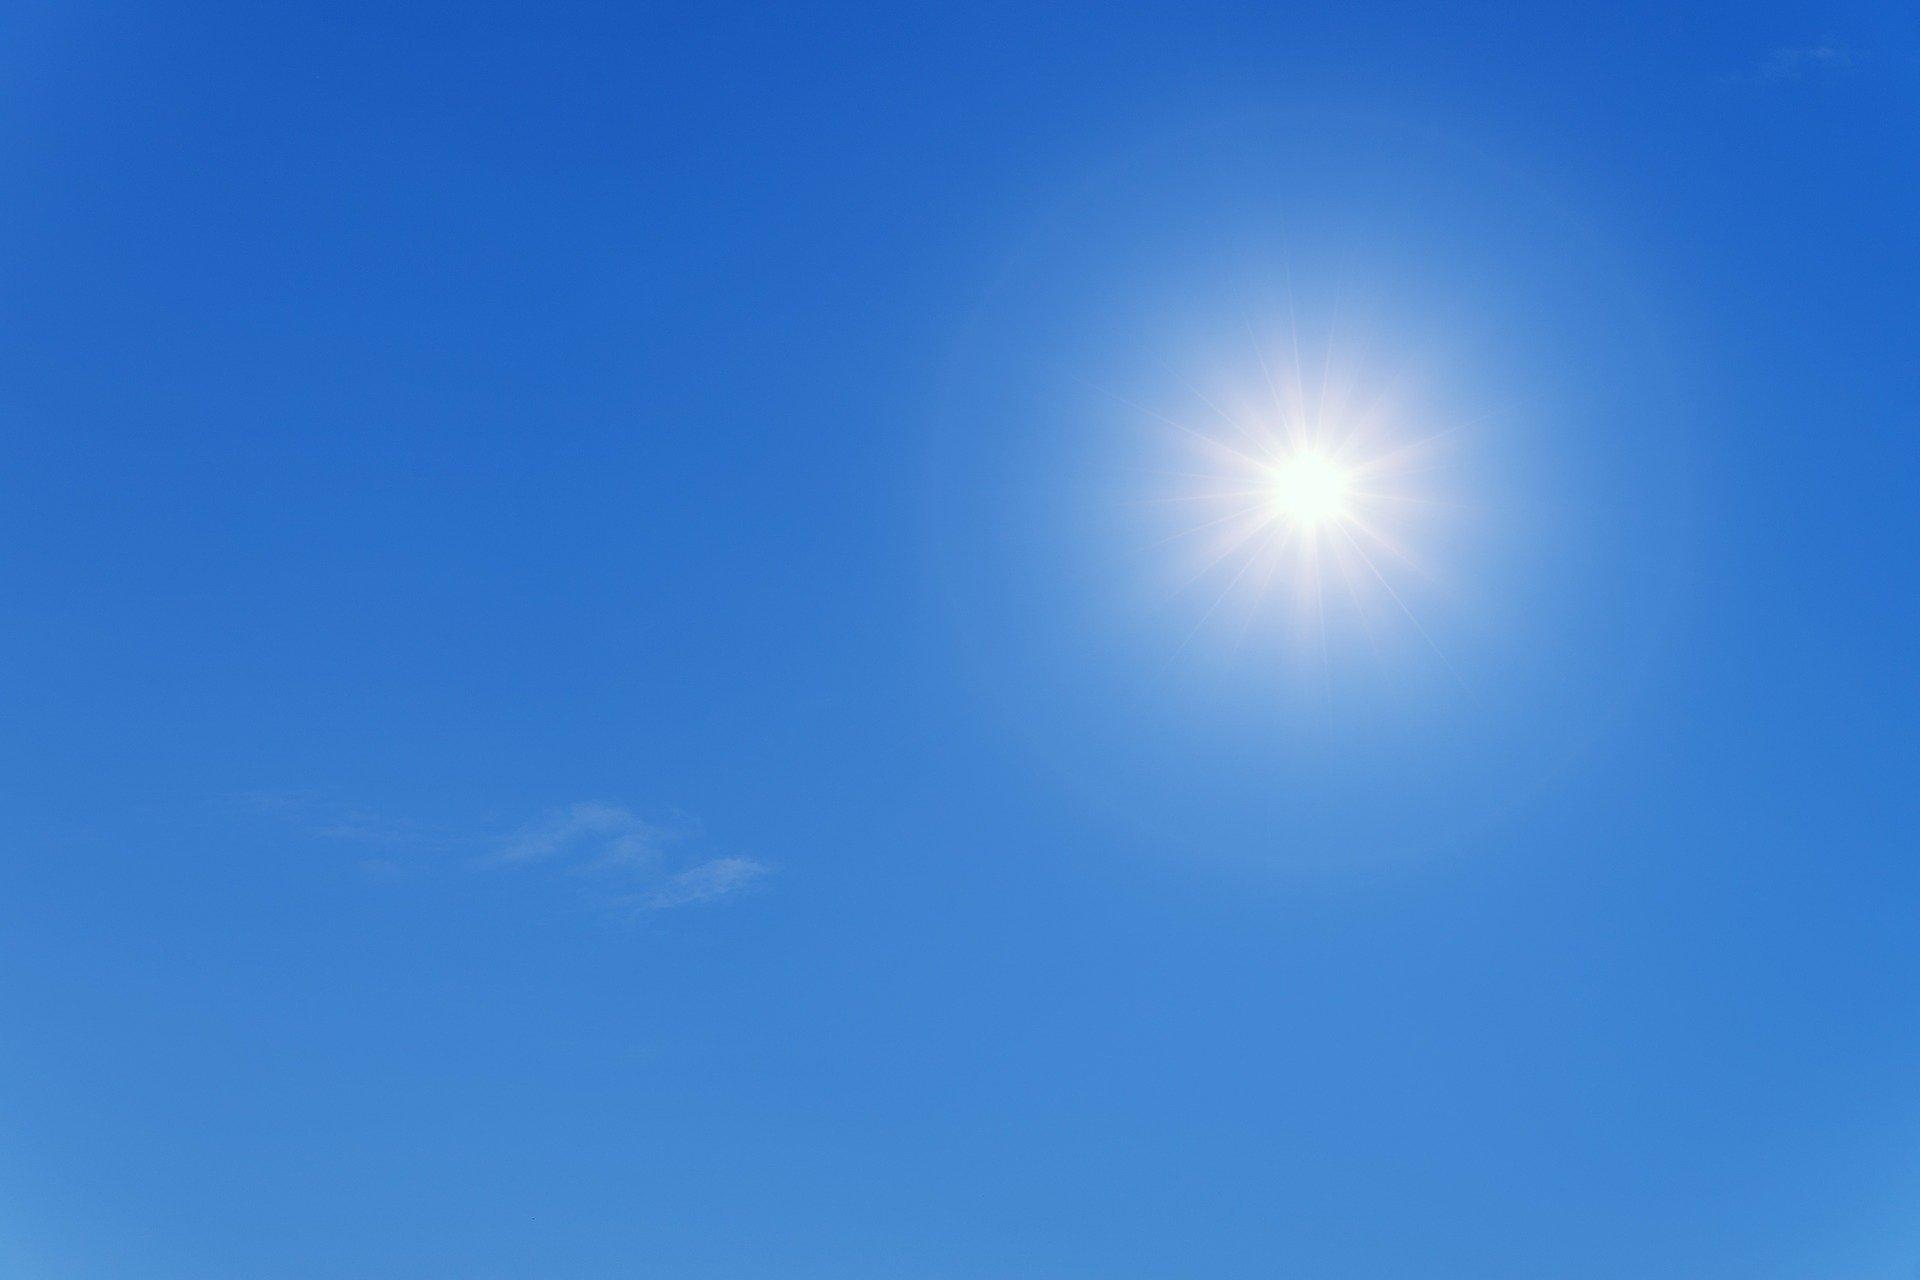 Wie kann man die Sonnenenergie nutzen auf baumarktblog24.de